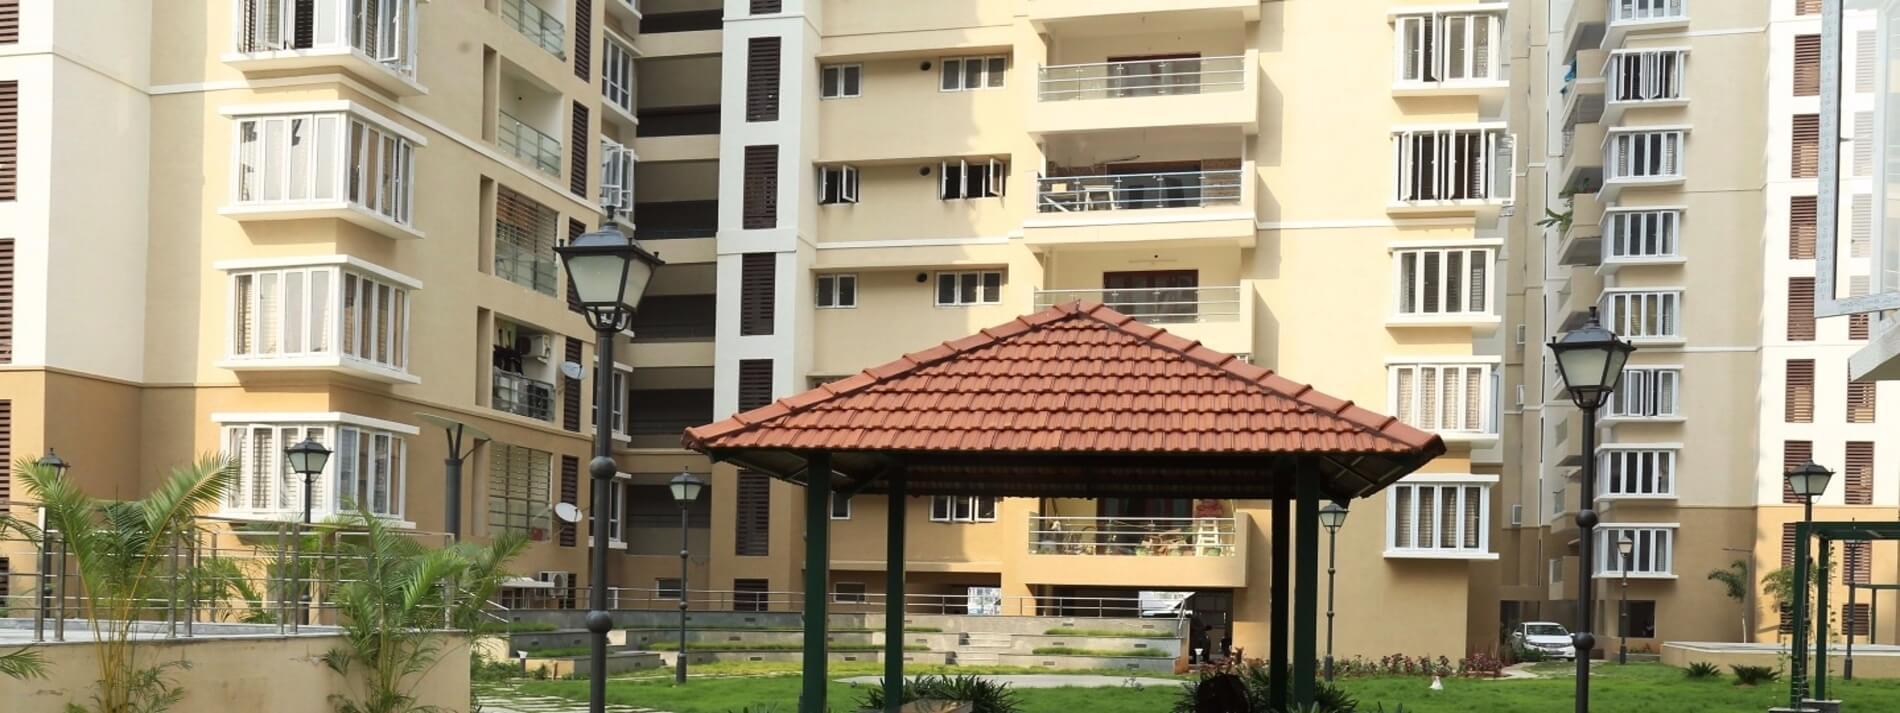 4 BHK Apartment for Rent in Virugambakkam